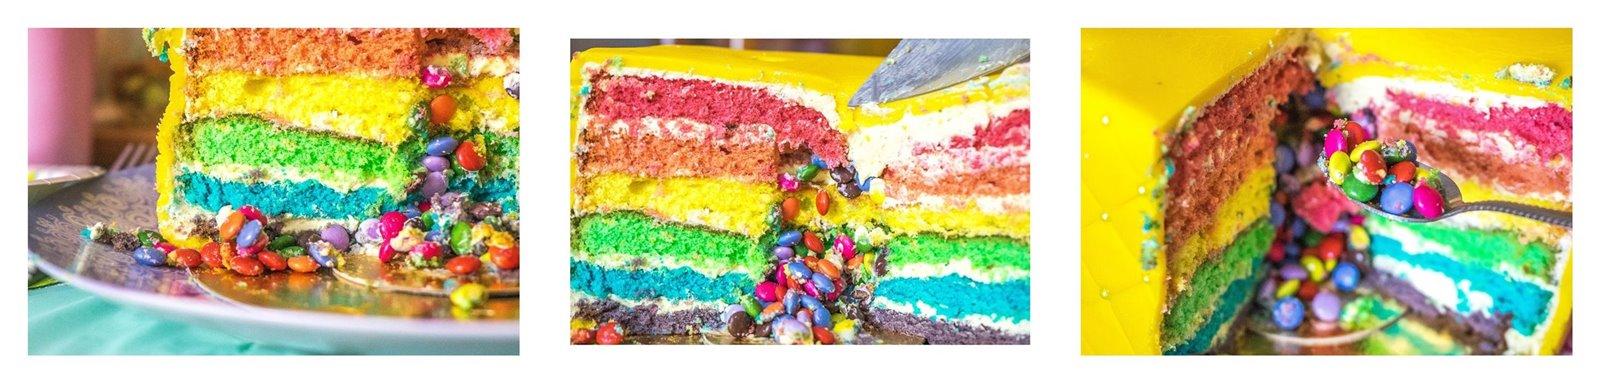 6b twój tort cake pops opinie jak smakuje recenzja czy dobre gdzie zamówić tort online nie dłodkie torty tęczowe wnętrze jak zamówić ile kosztuje cena blog urodziny dekoracje hawajskie